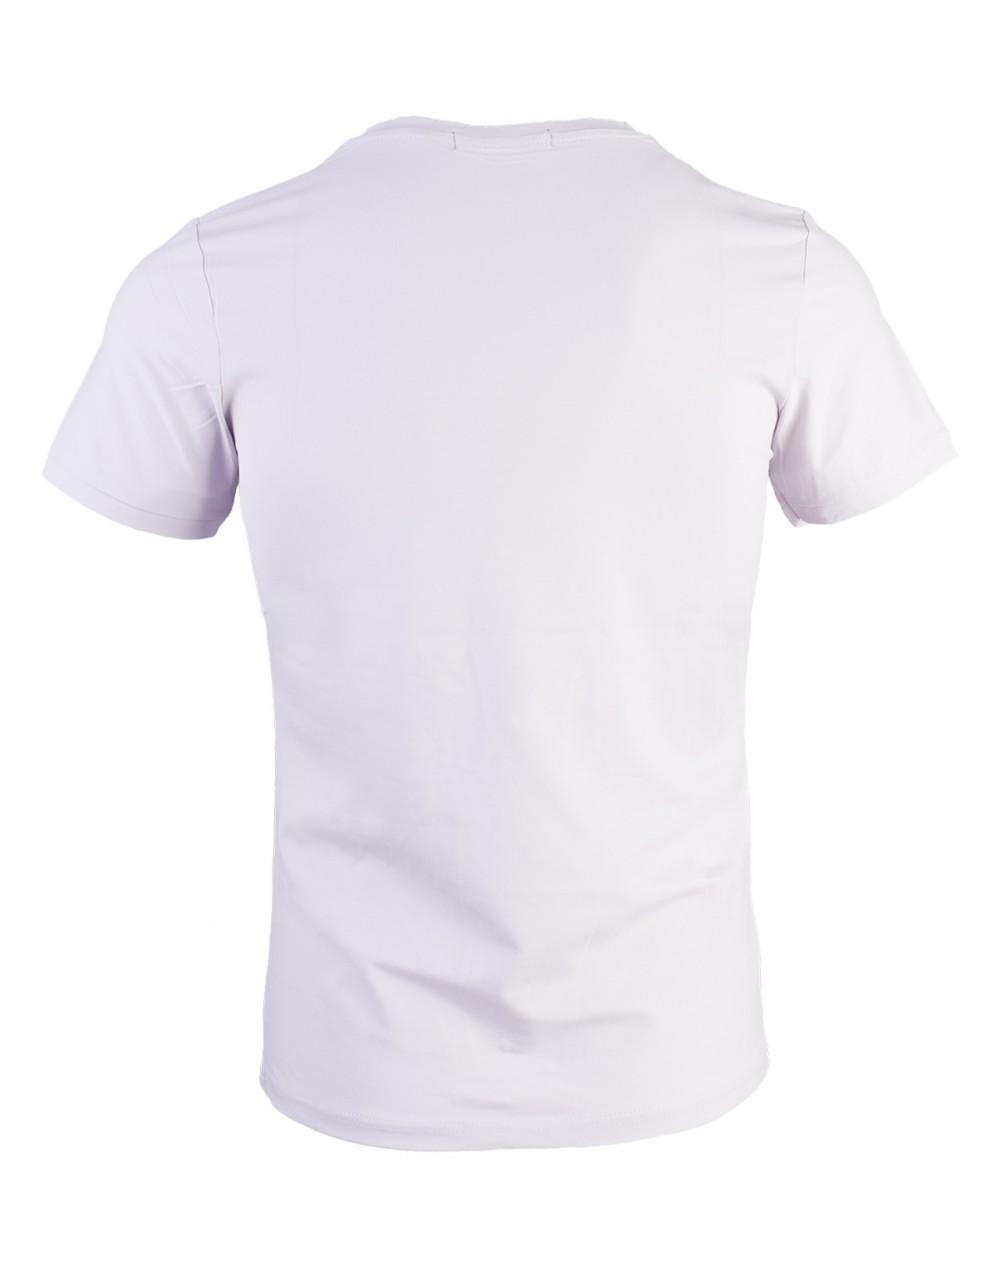 Áo thun cổ tim xám trắng at715 - 2